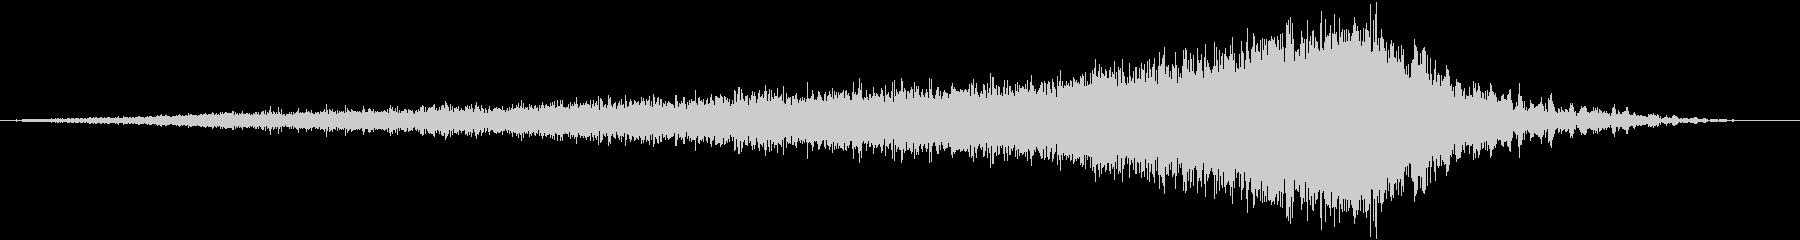 【ライザー】27 SFサウンド エピックの未再生の波形